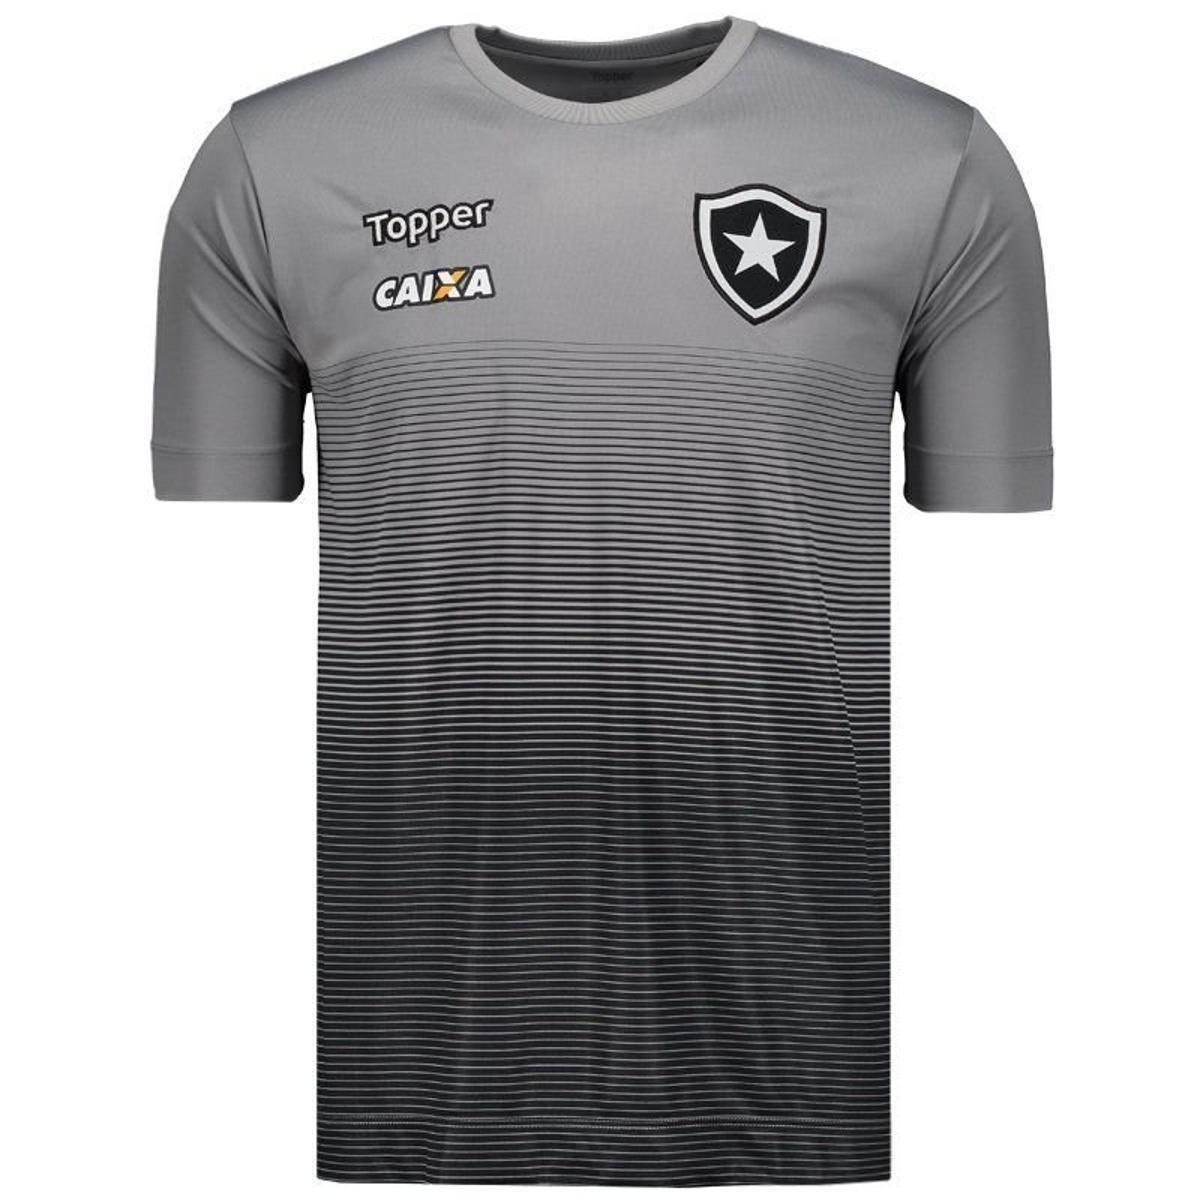 Camisa Topper Botafogo Concentração Comissão Técnica 2017 Masculina - Cinza  - Compre Agora  a62443aef8e